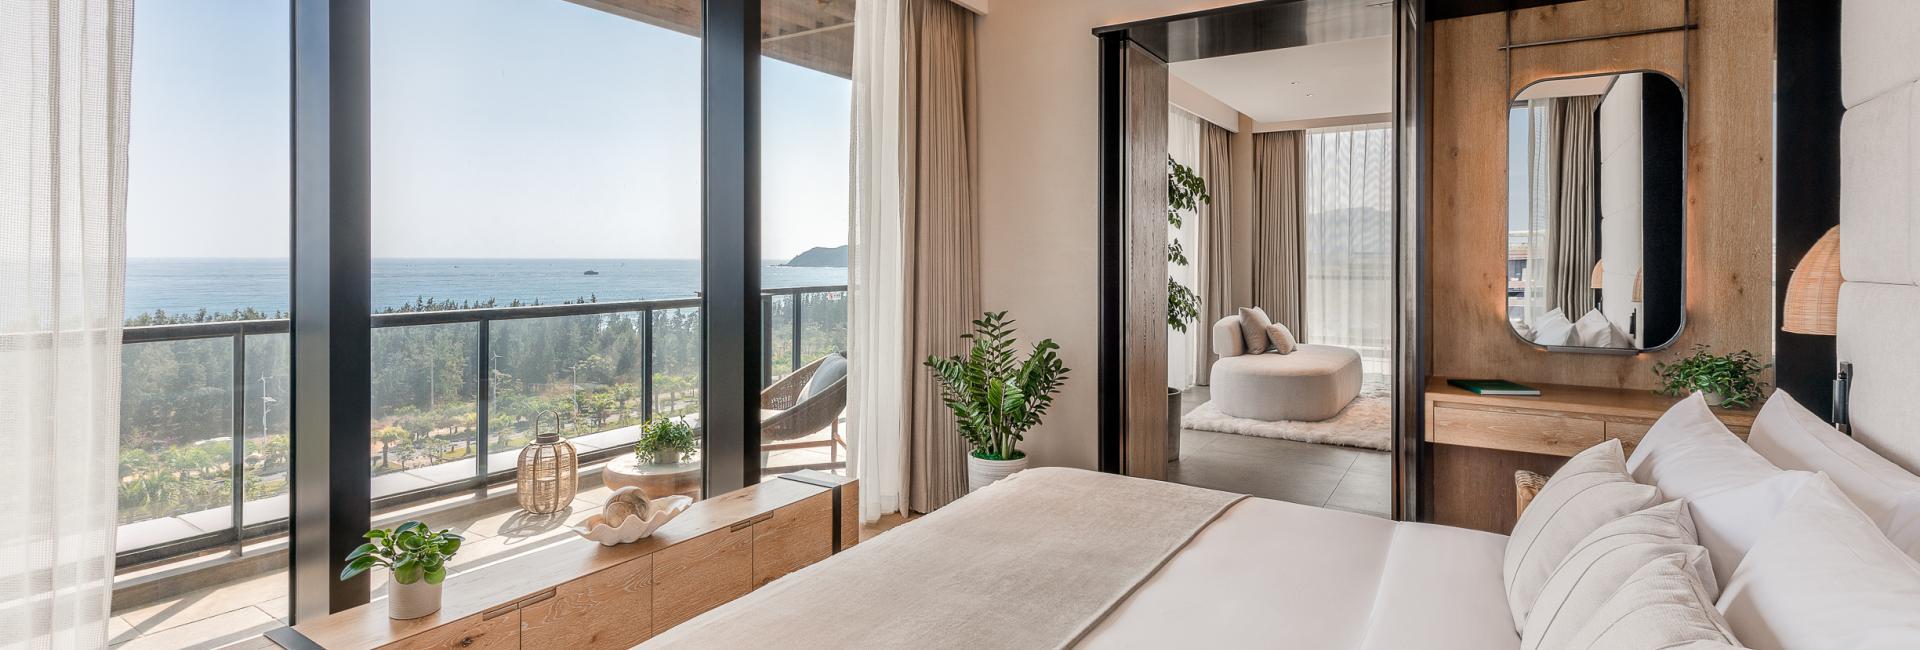 Sky Villa-Bedroom on higher floor